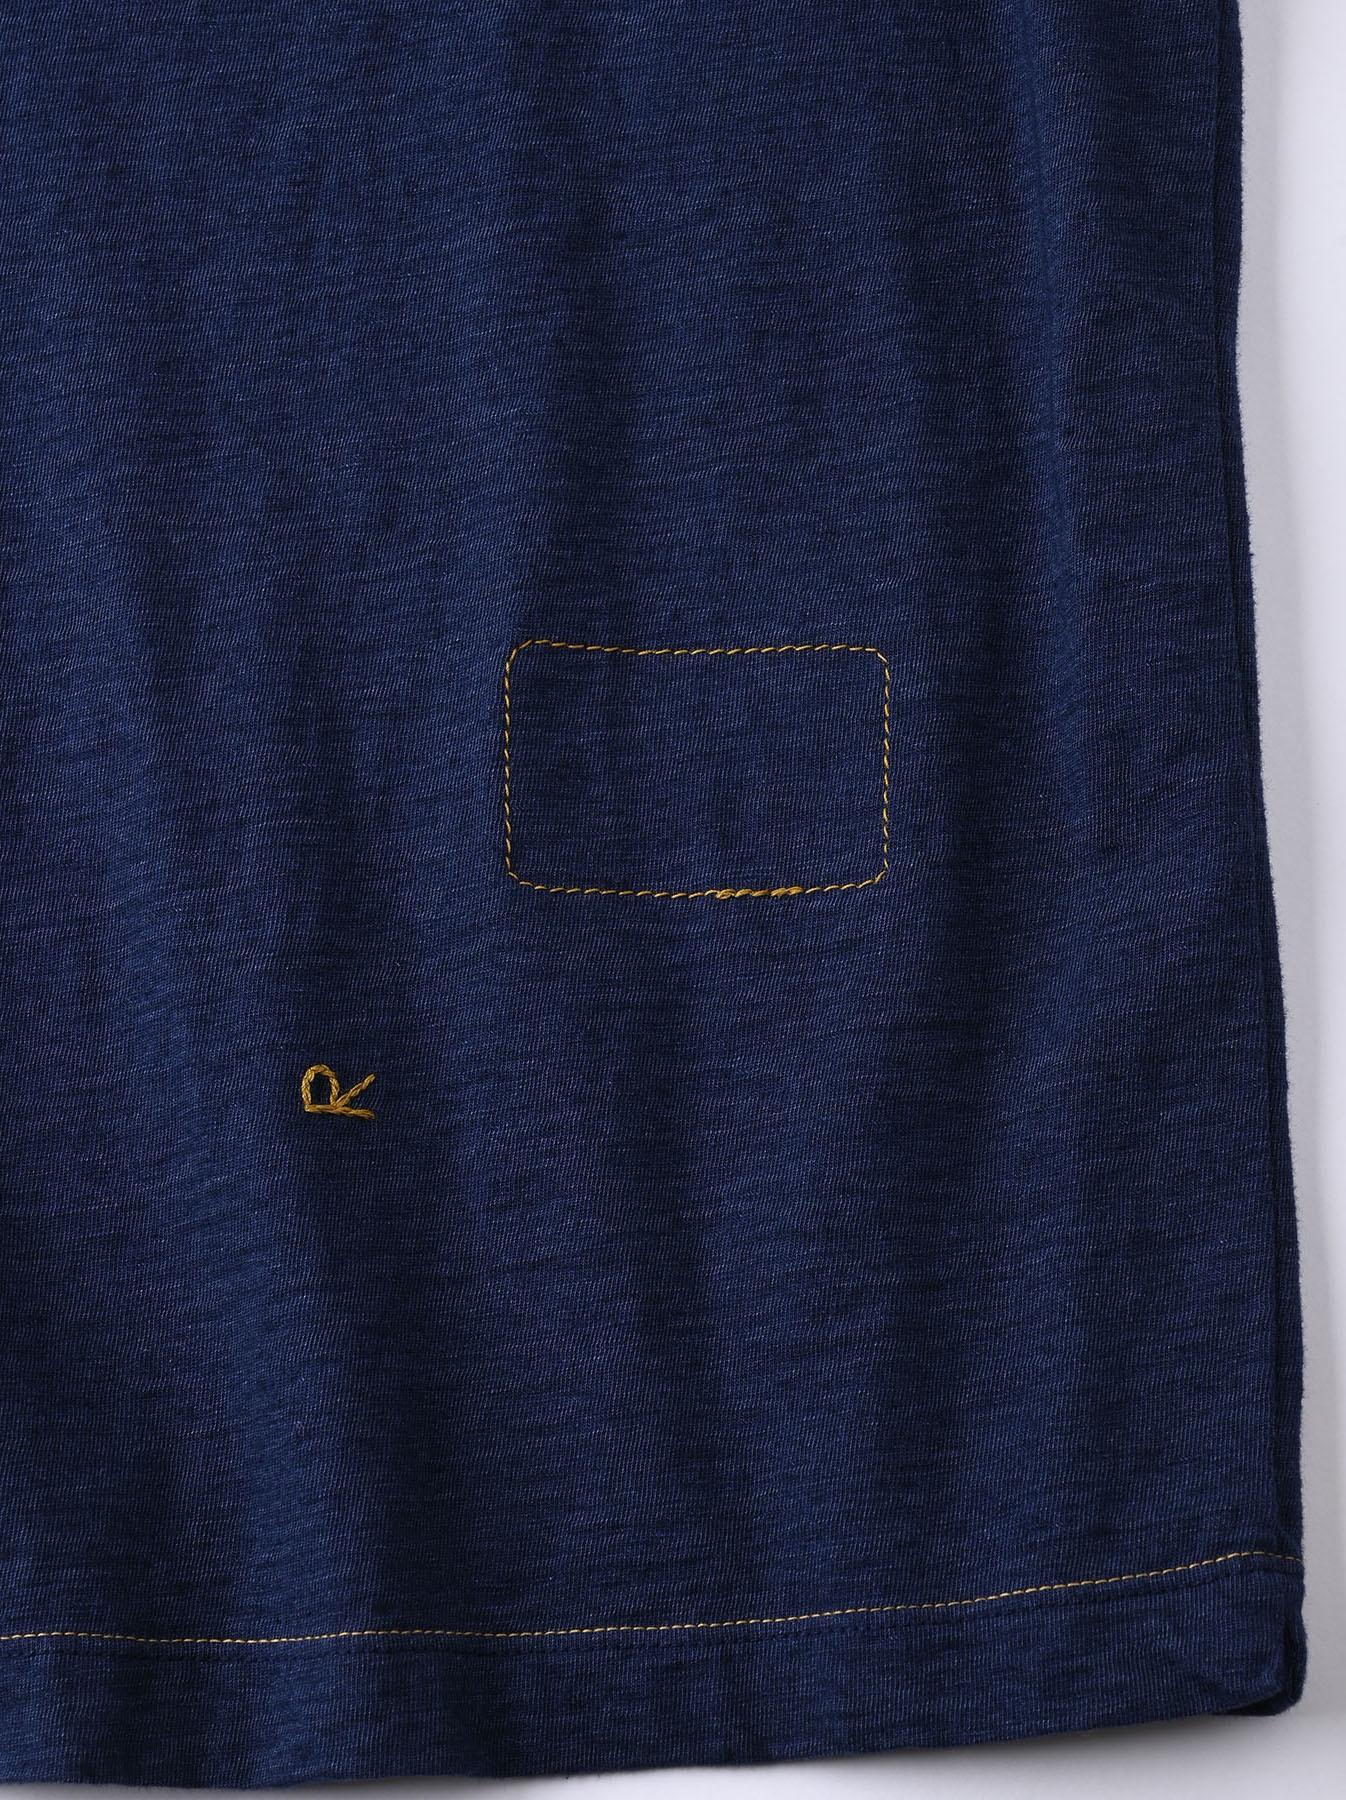 Indigo Ukiyo de Surf 908 Ocean T-shirt (0621)-9